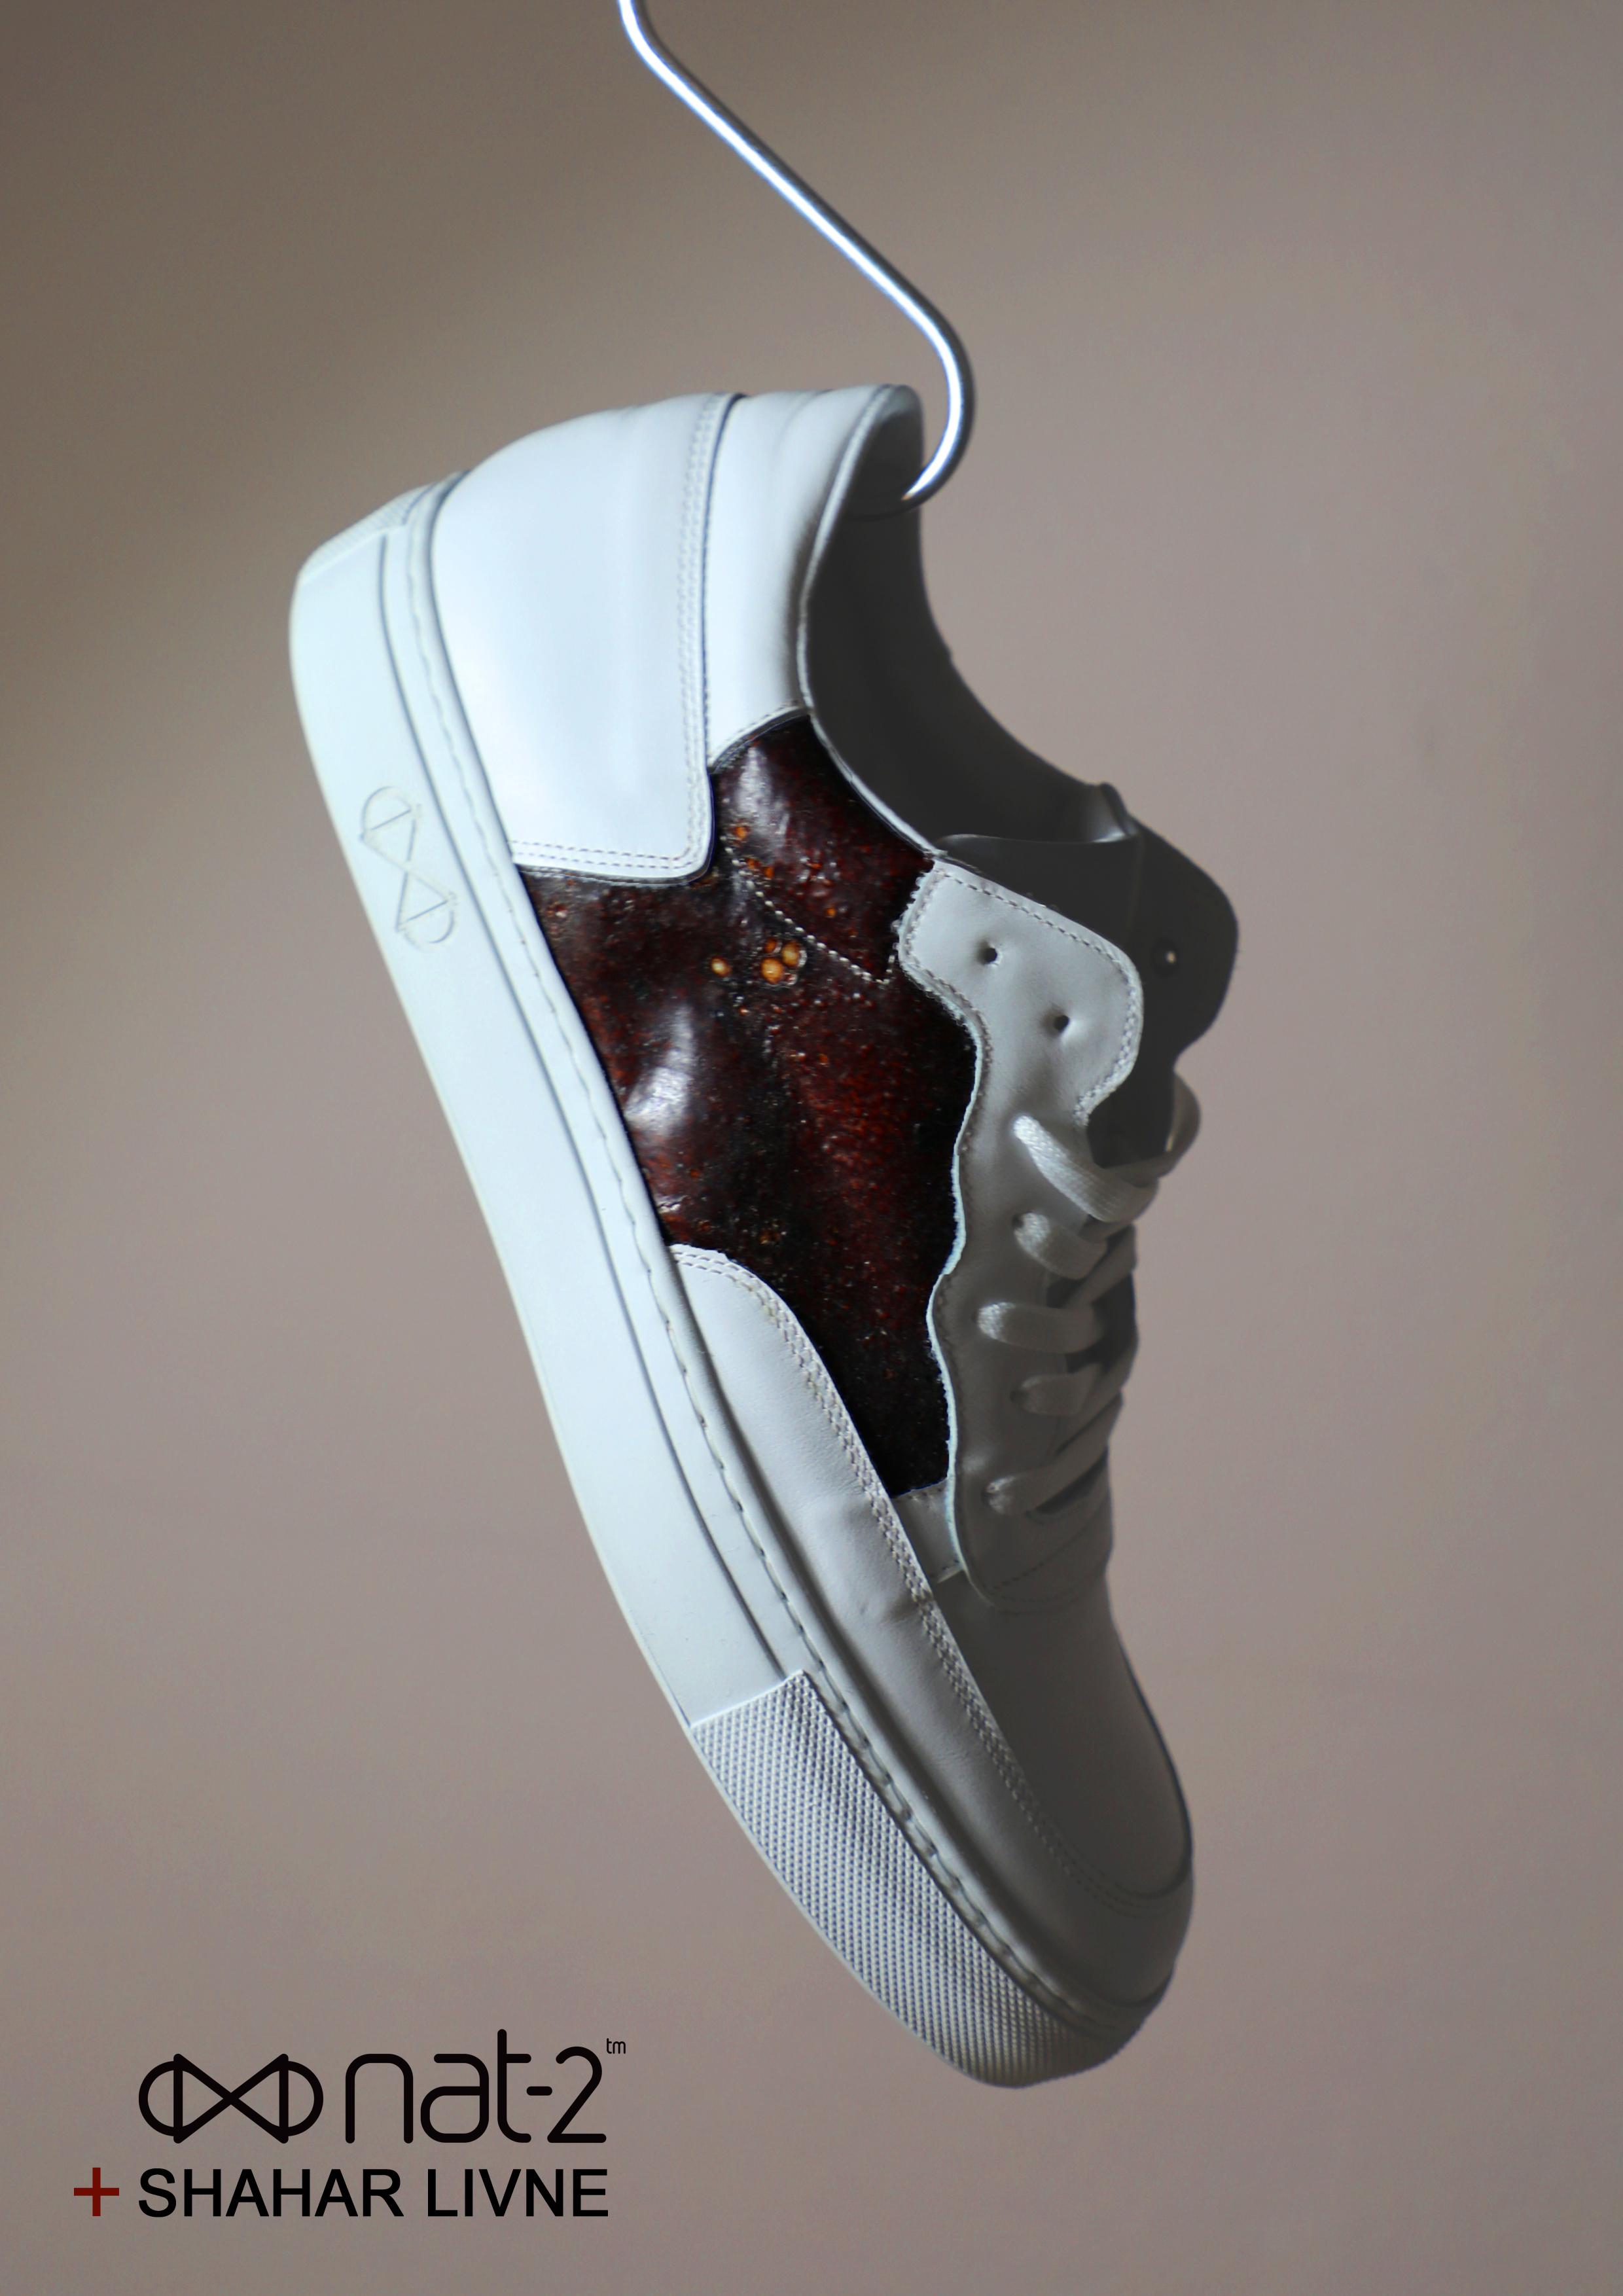 nat-2 x Shahar Livne Blood Sneaker Kopie